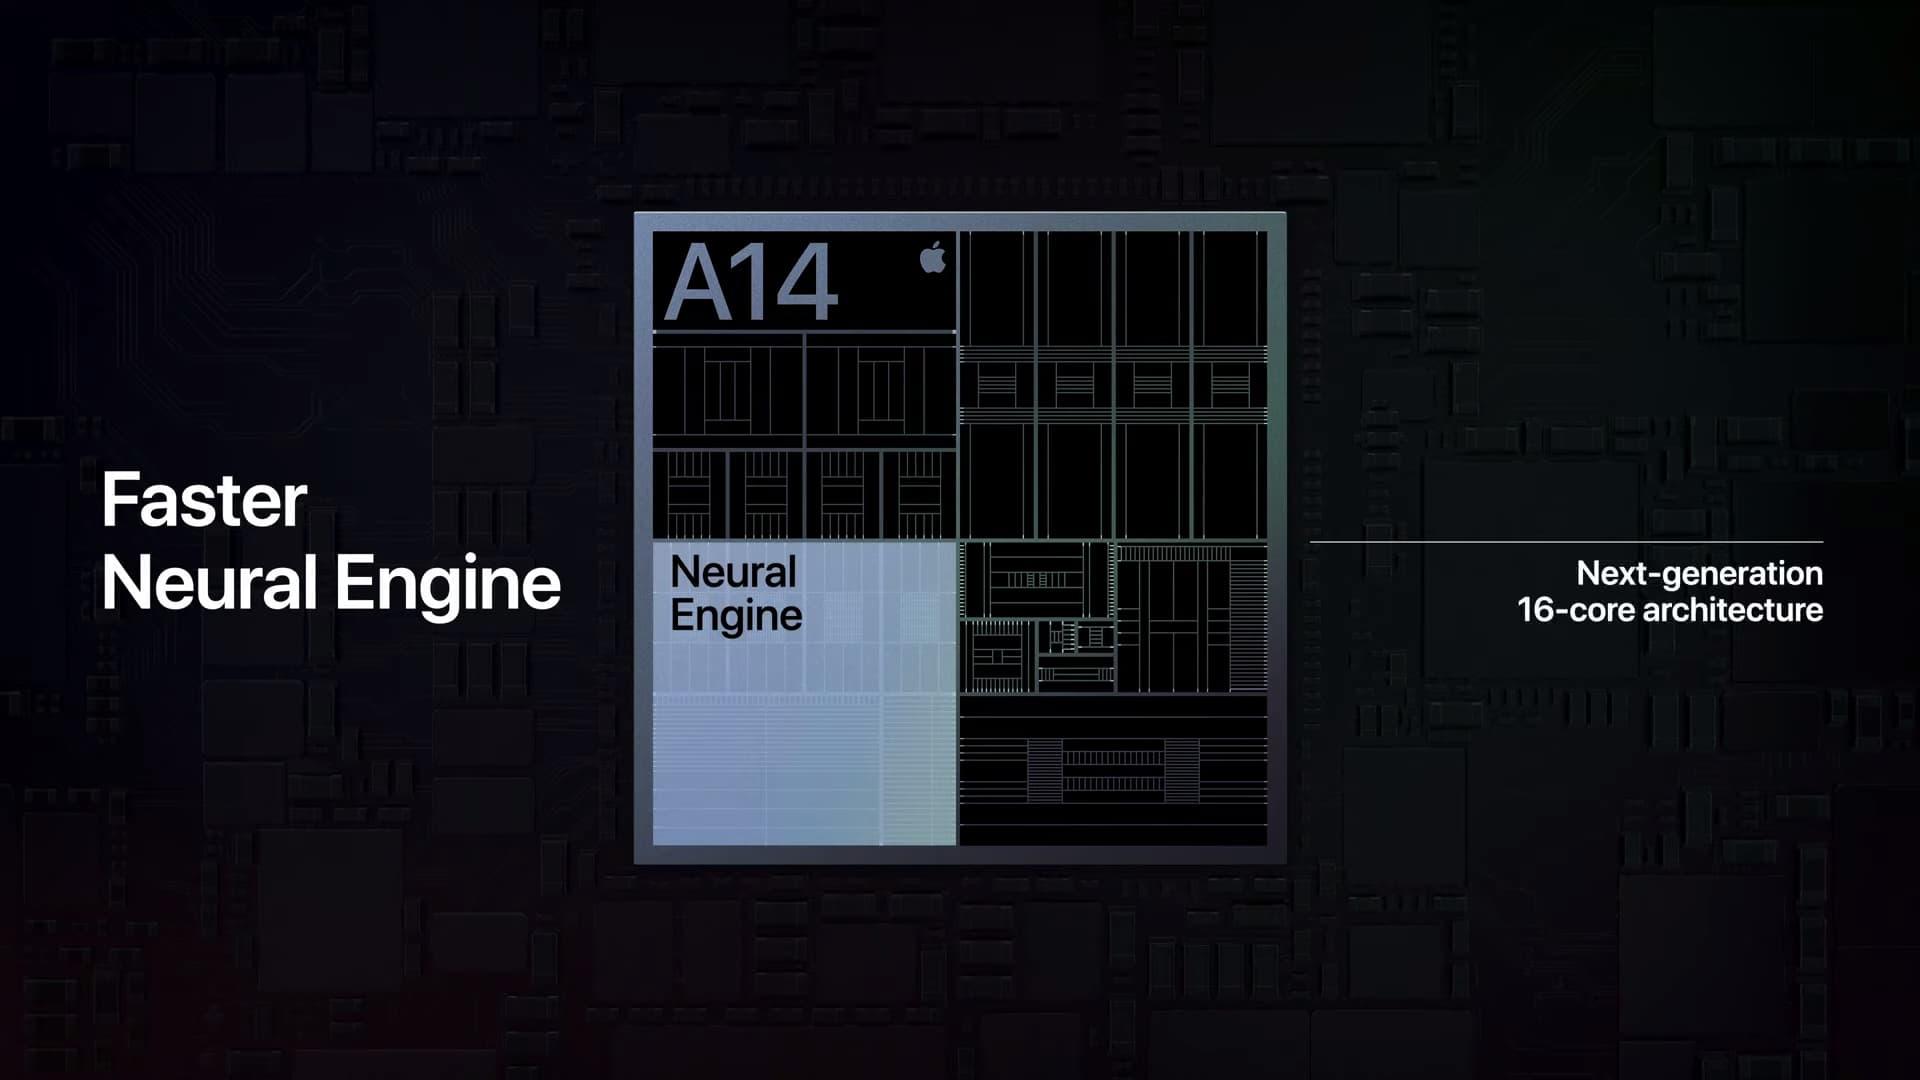 iPad Air 搶用搭載 A14 仿生處理器